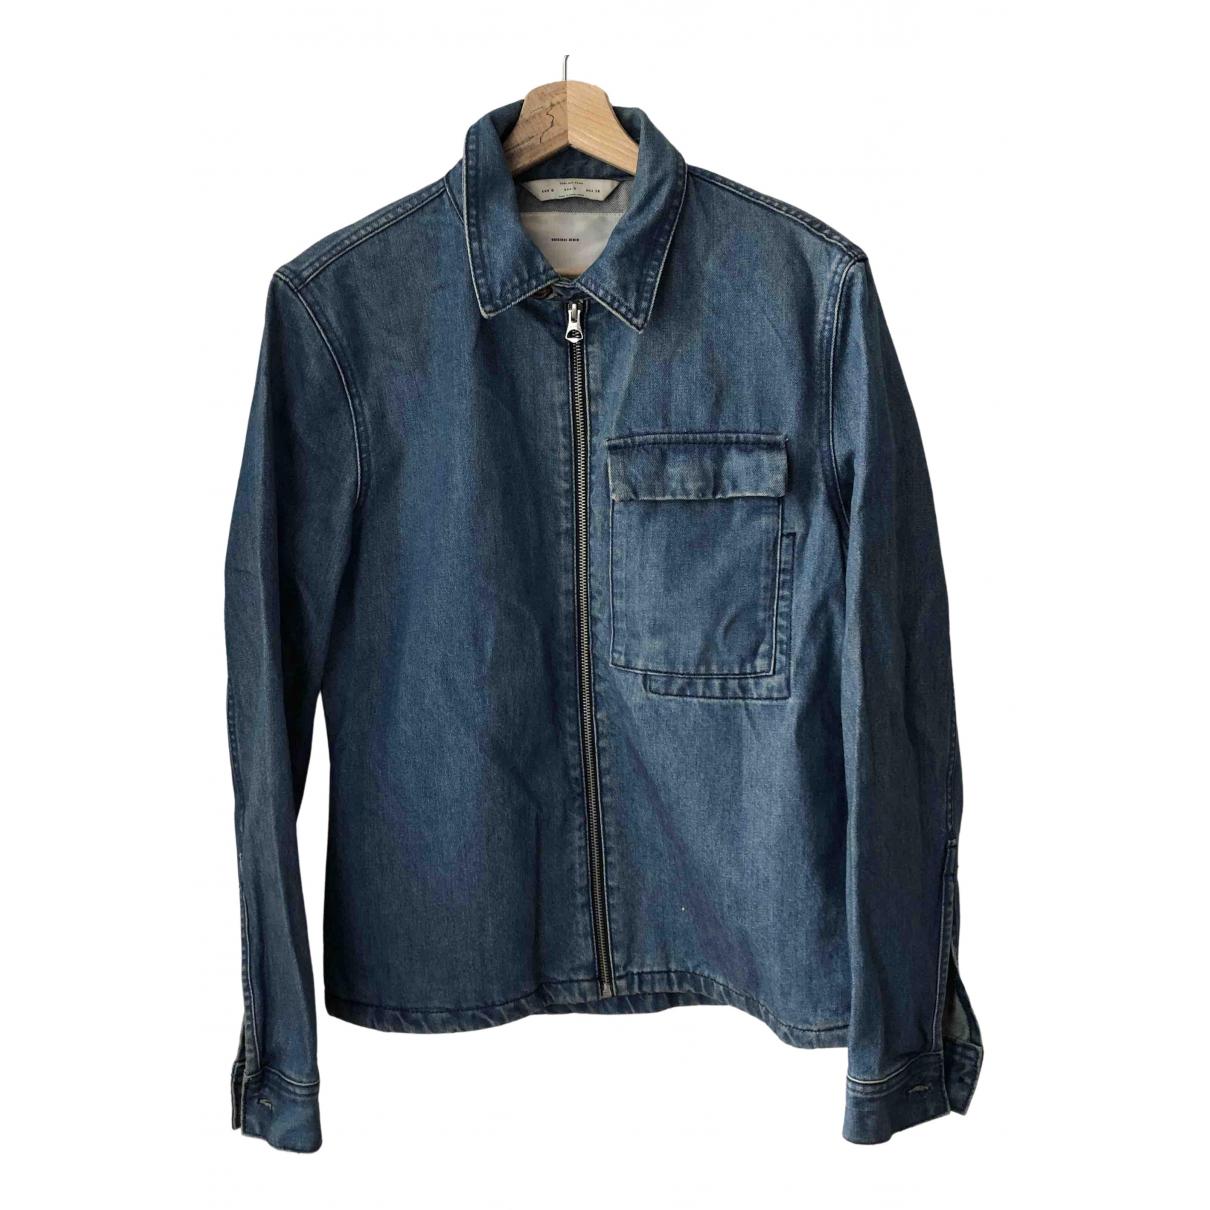 Zara - Vestes.Blousons   pour homme en denim - bleu